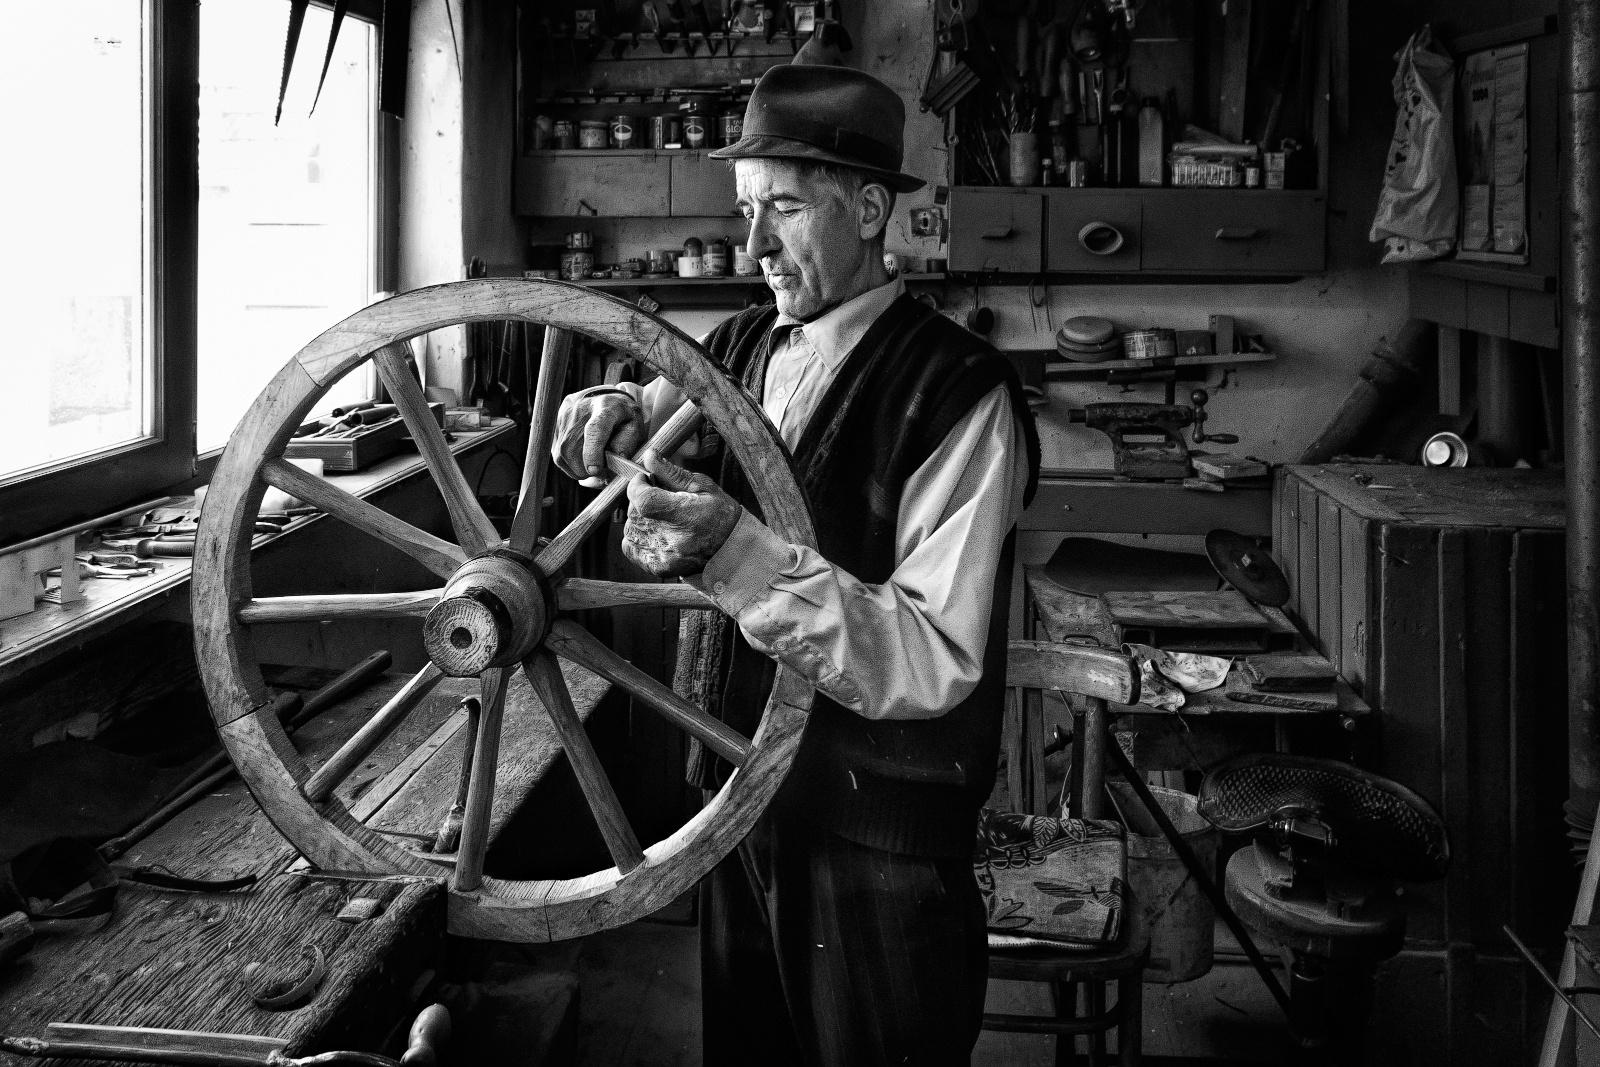 Rumania  - José Beut. Fotografía de Reportaje en Rumanía